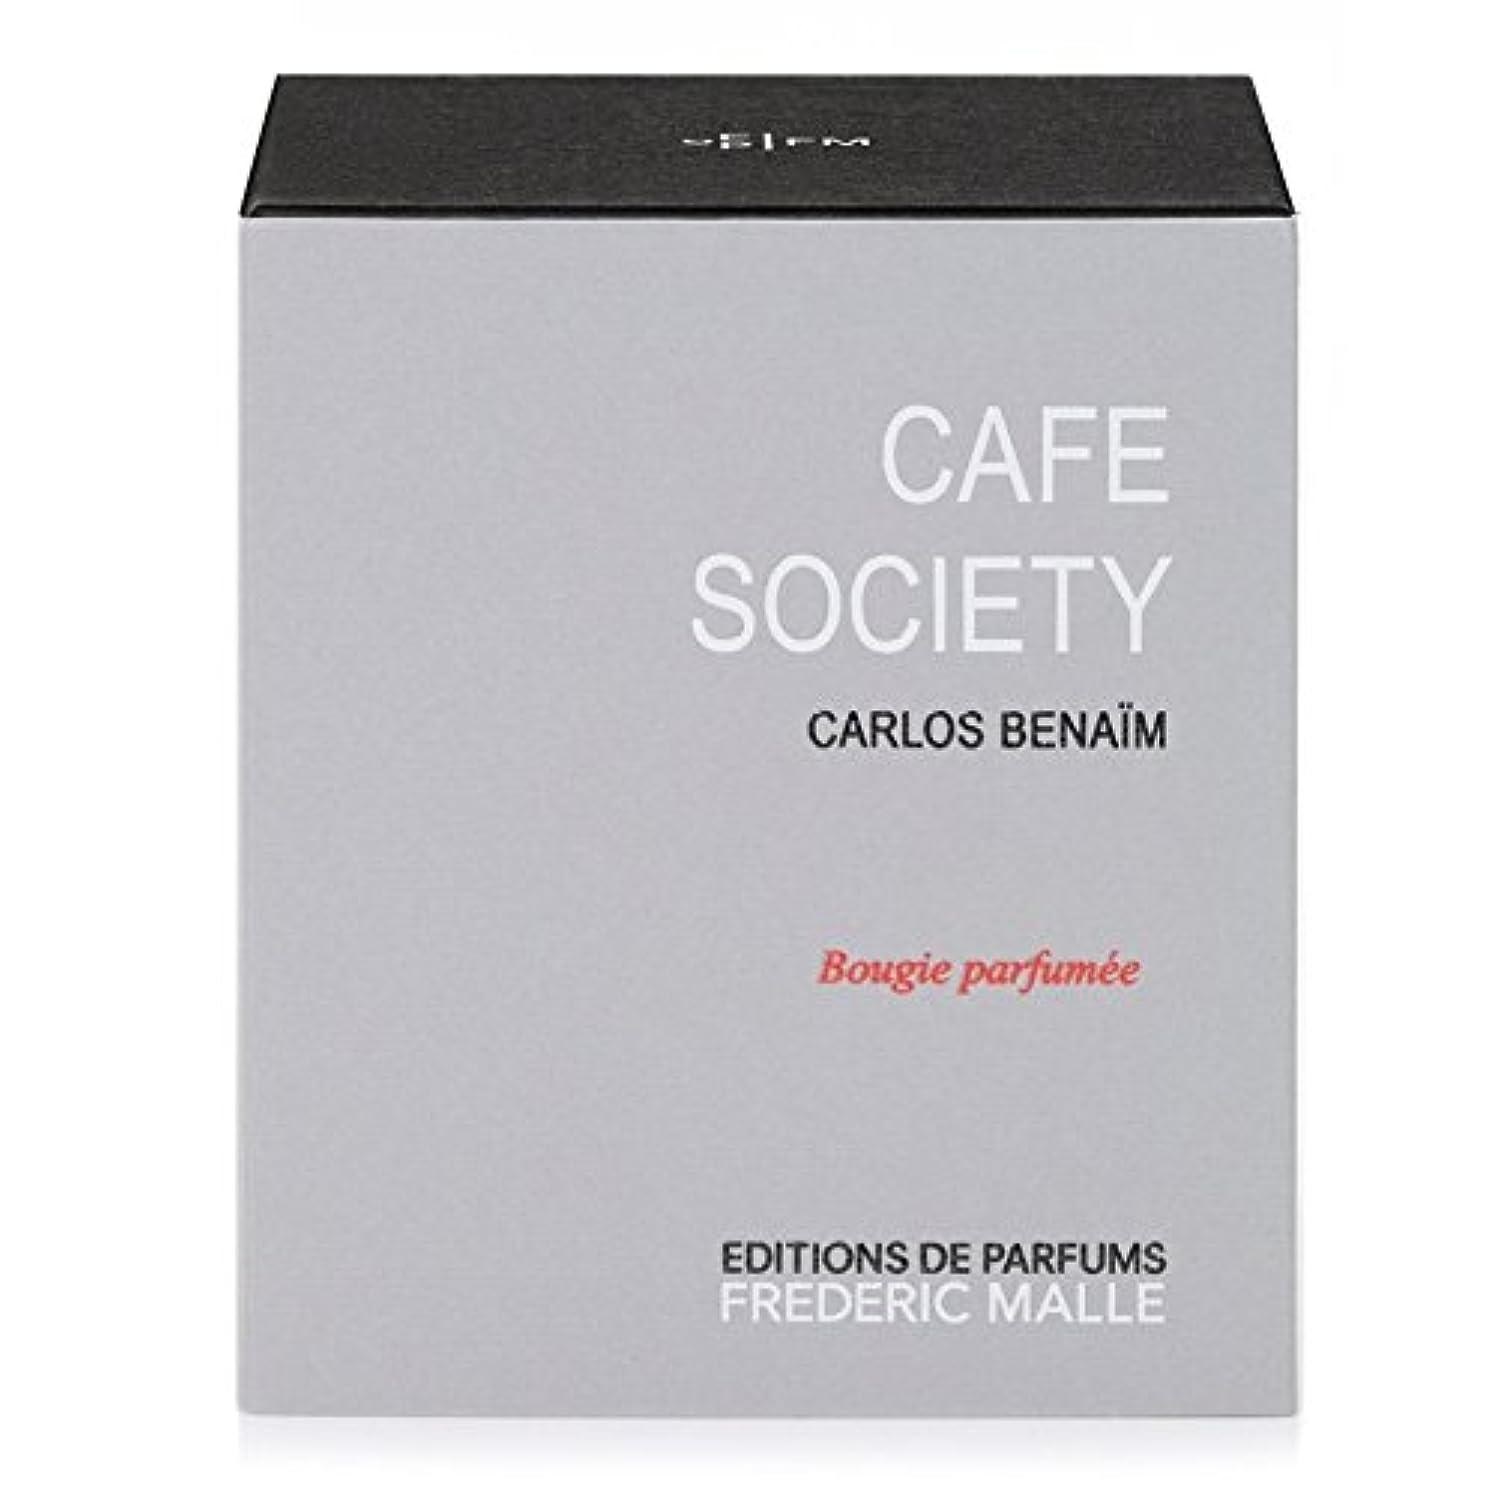 くぼみオーバーフロー成果Frederic Malle Cafe Society Scented Candle 220g (Pack of 2) - フレデリック?マルカフェ社会の香りのキャンドル220グラム x2 [並行輸入品]